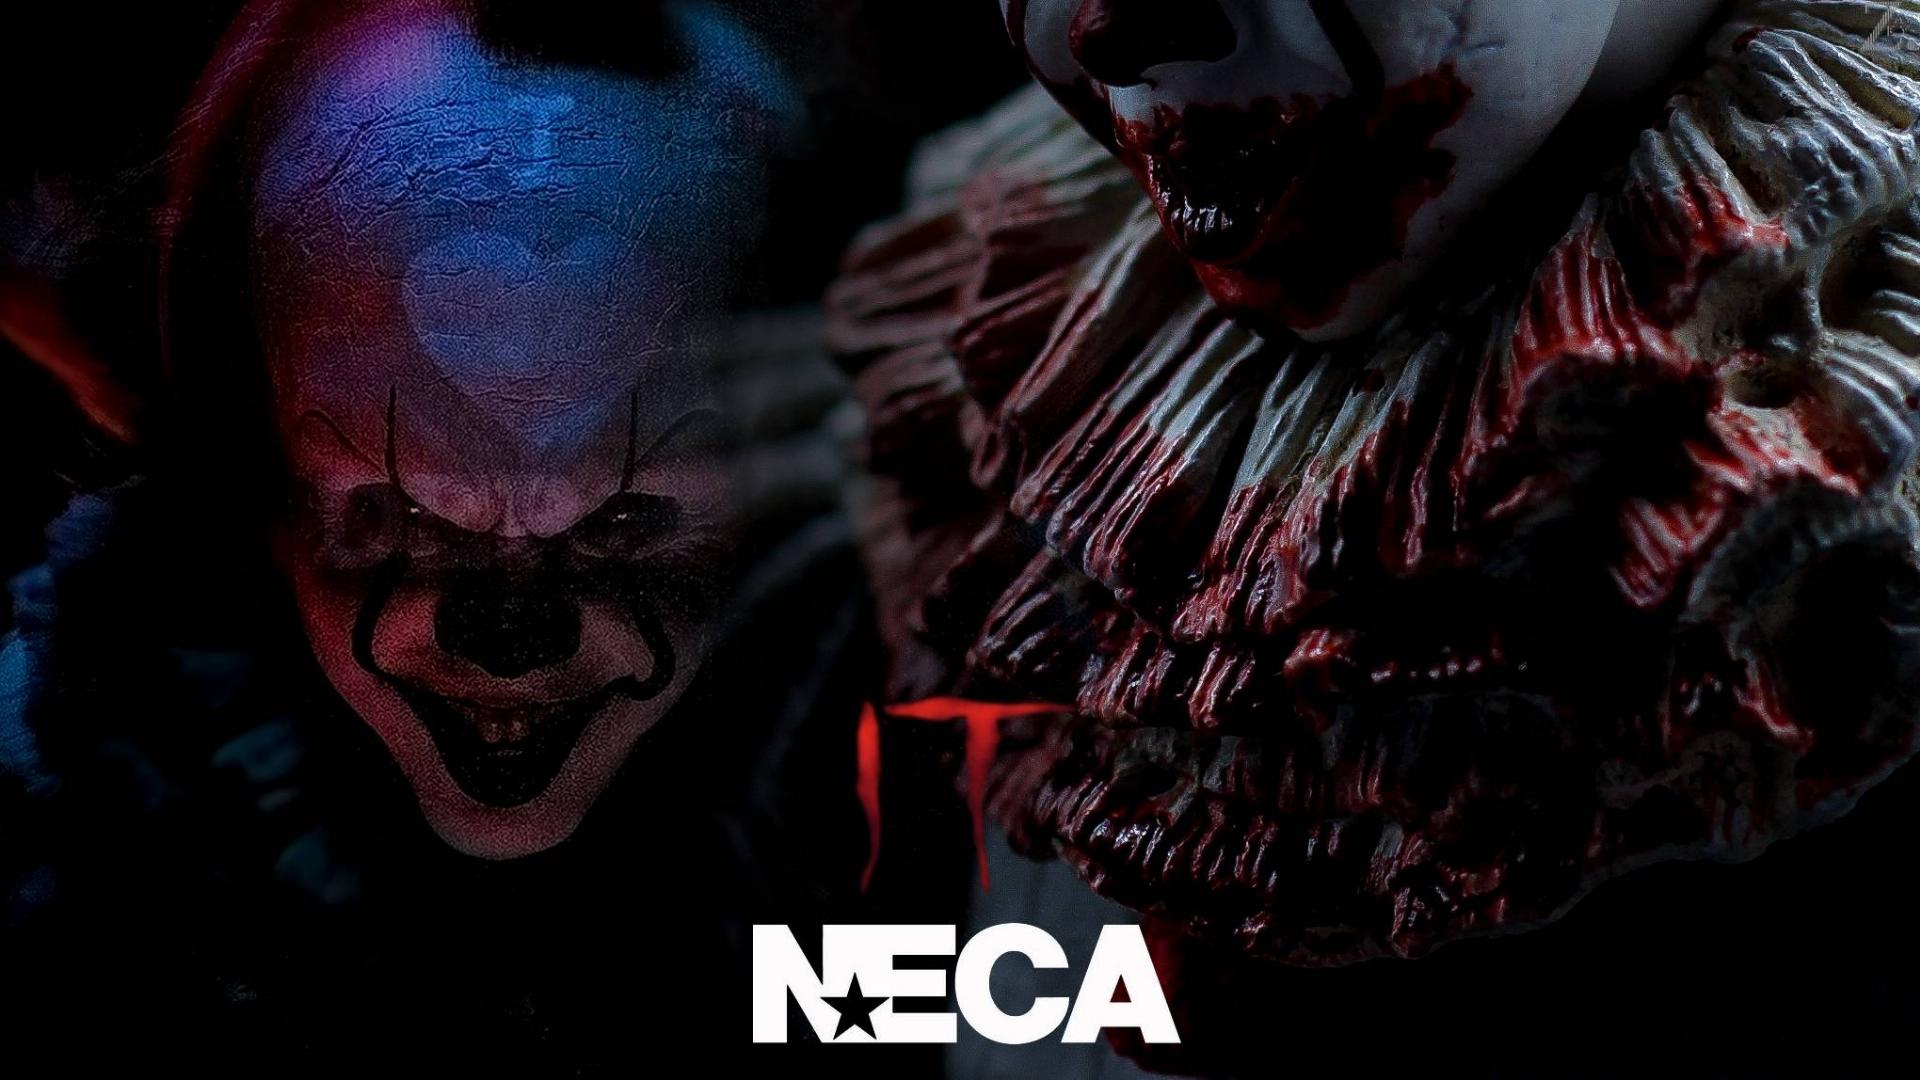 『渣J短评』NECA 小丑回魂 佩尼维斯 血腥版